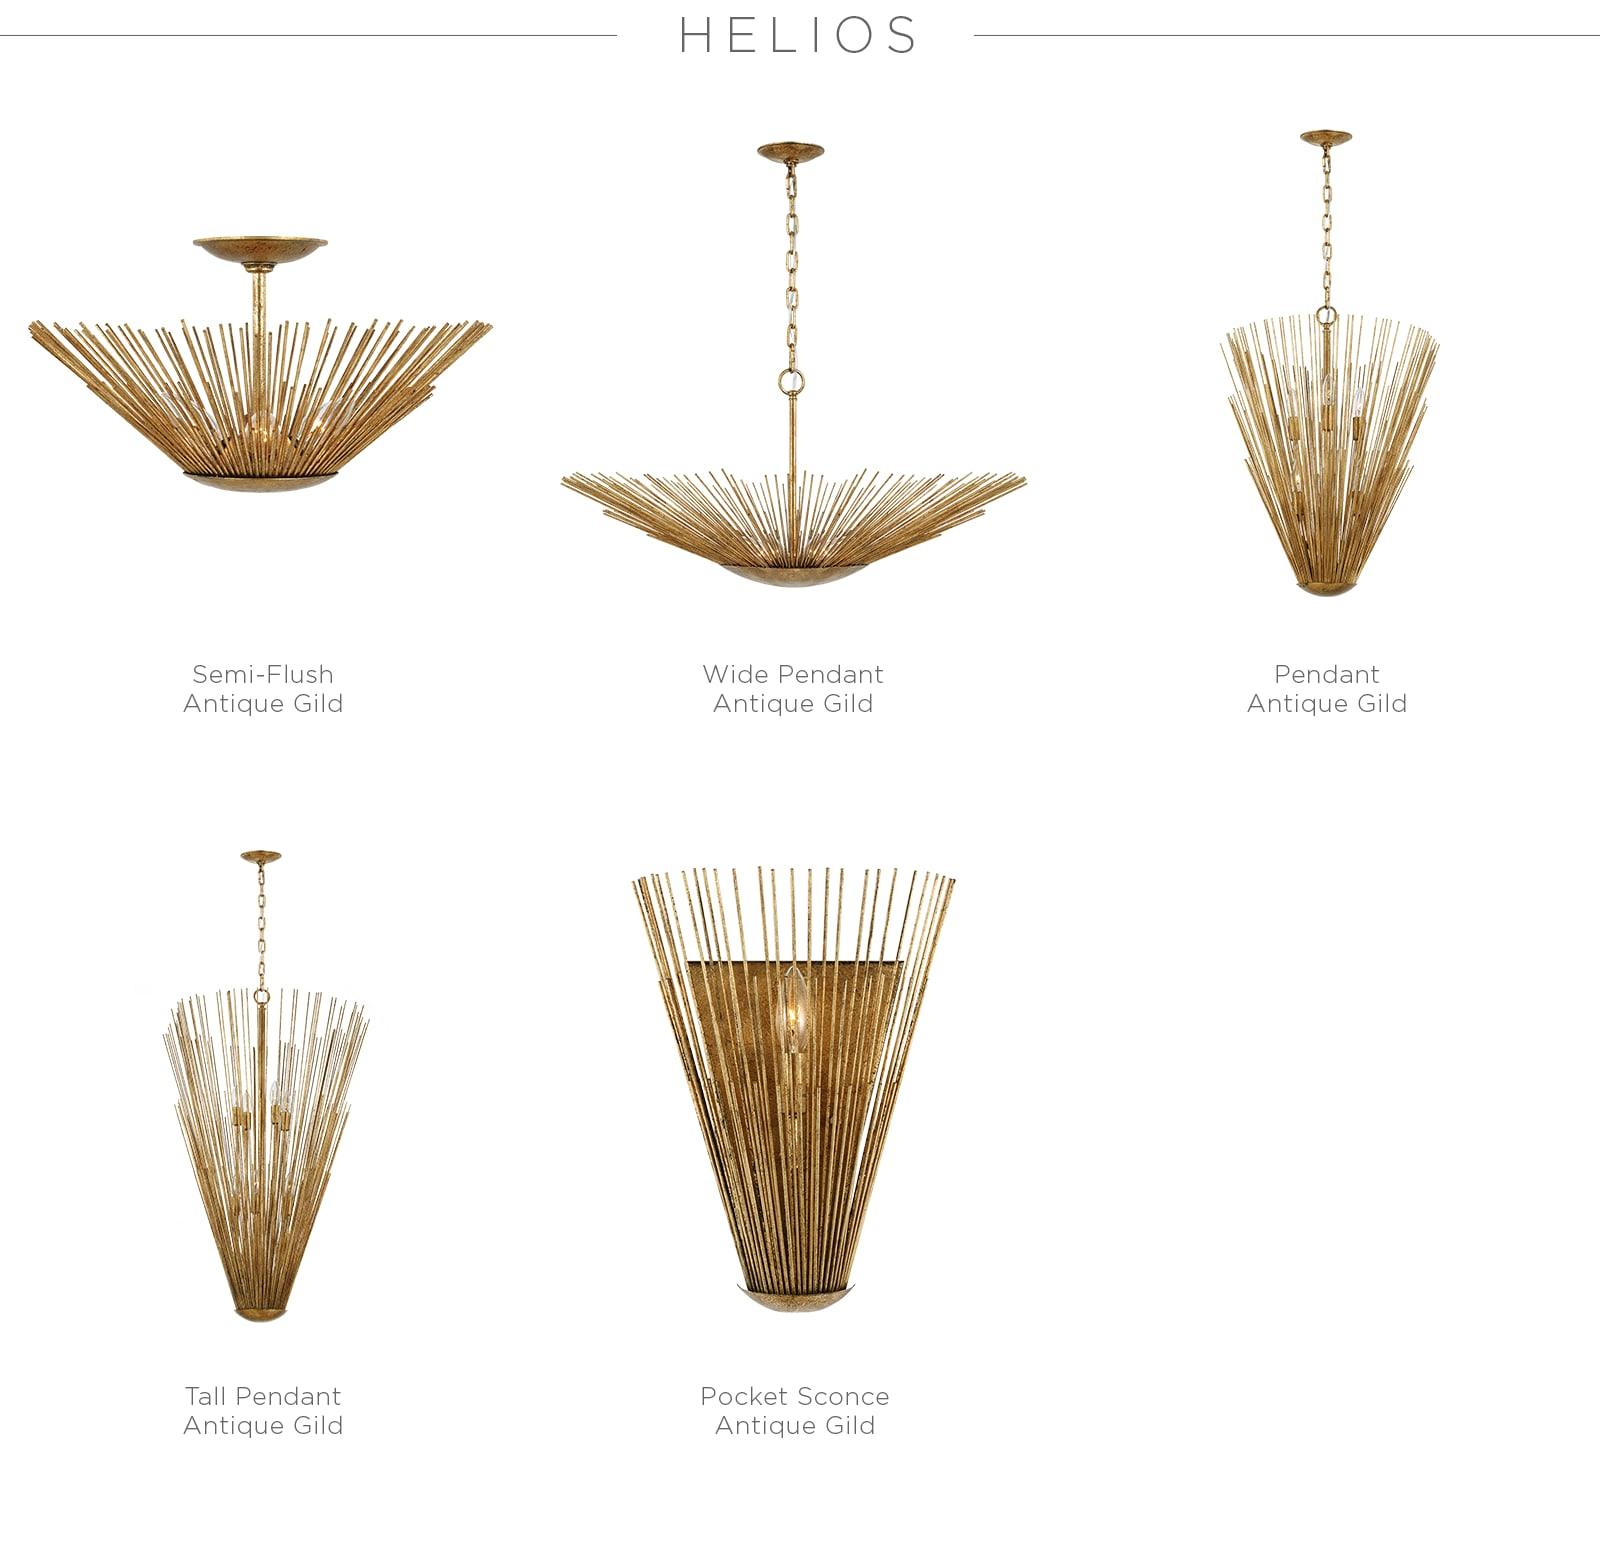 Helios Series